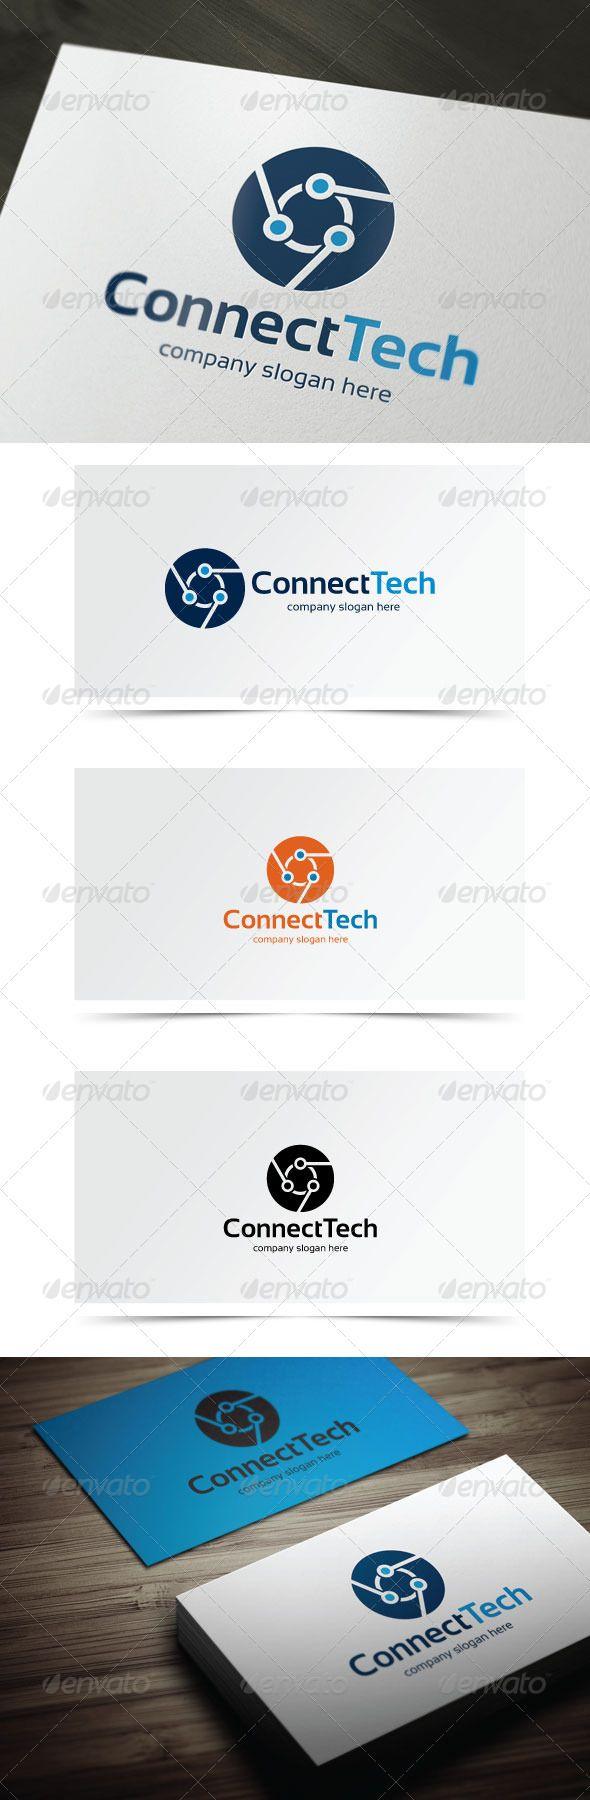 Connect Tech